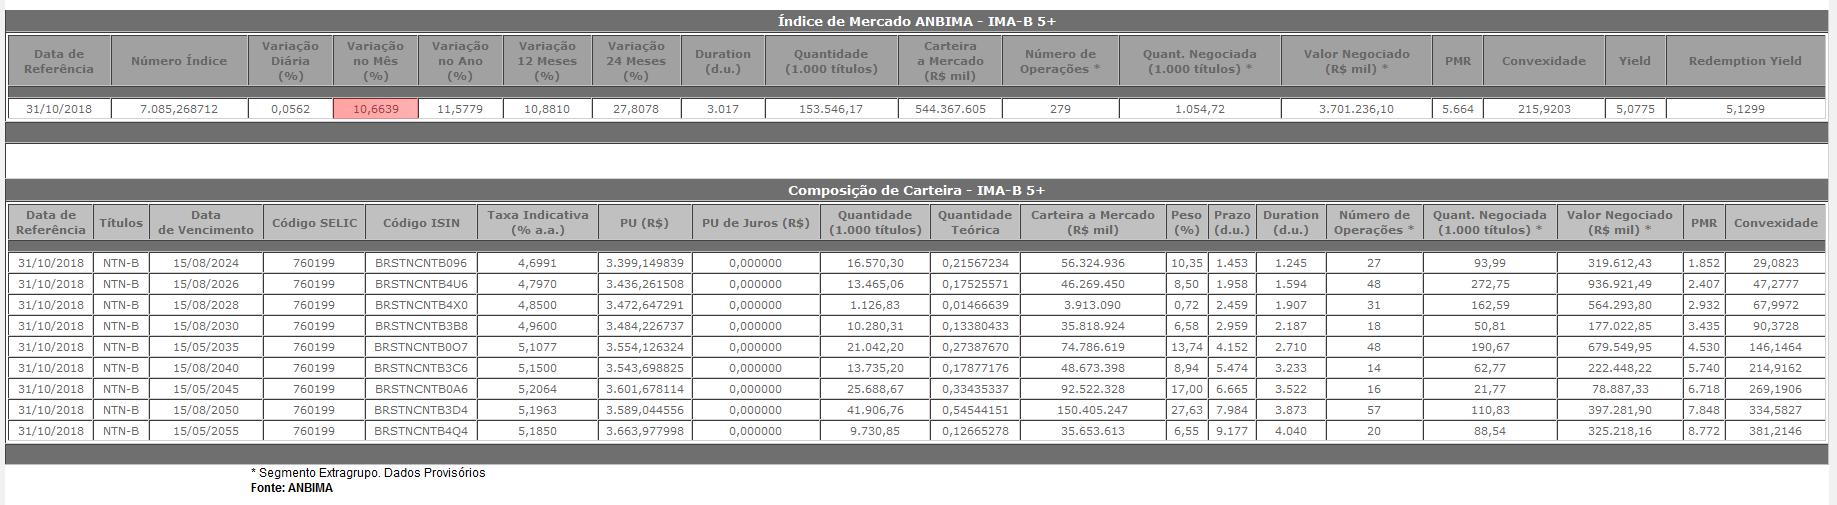 Histórico do IMA-B 5+